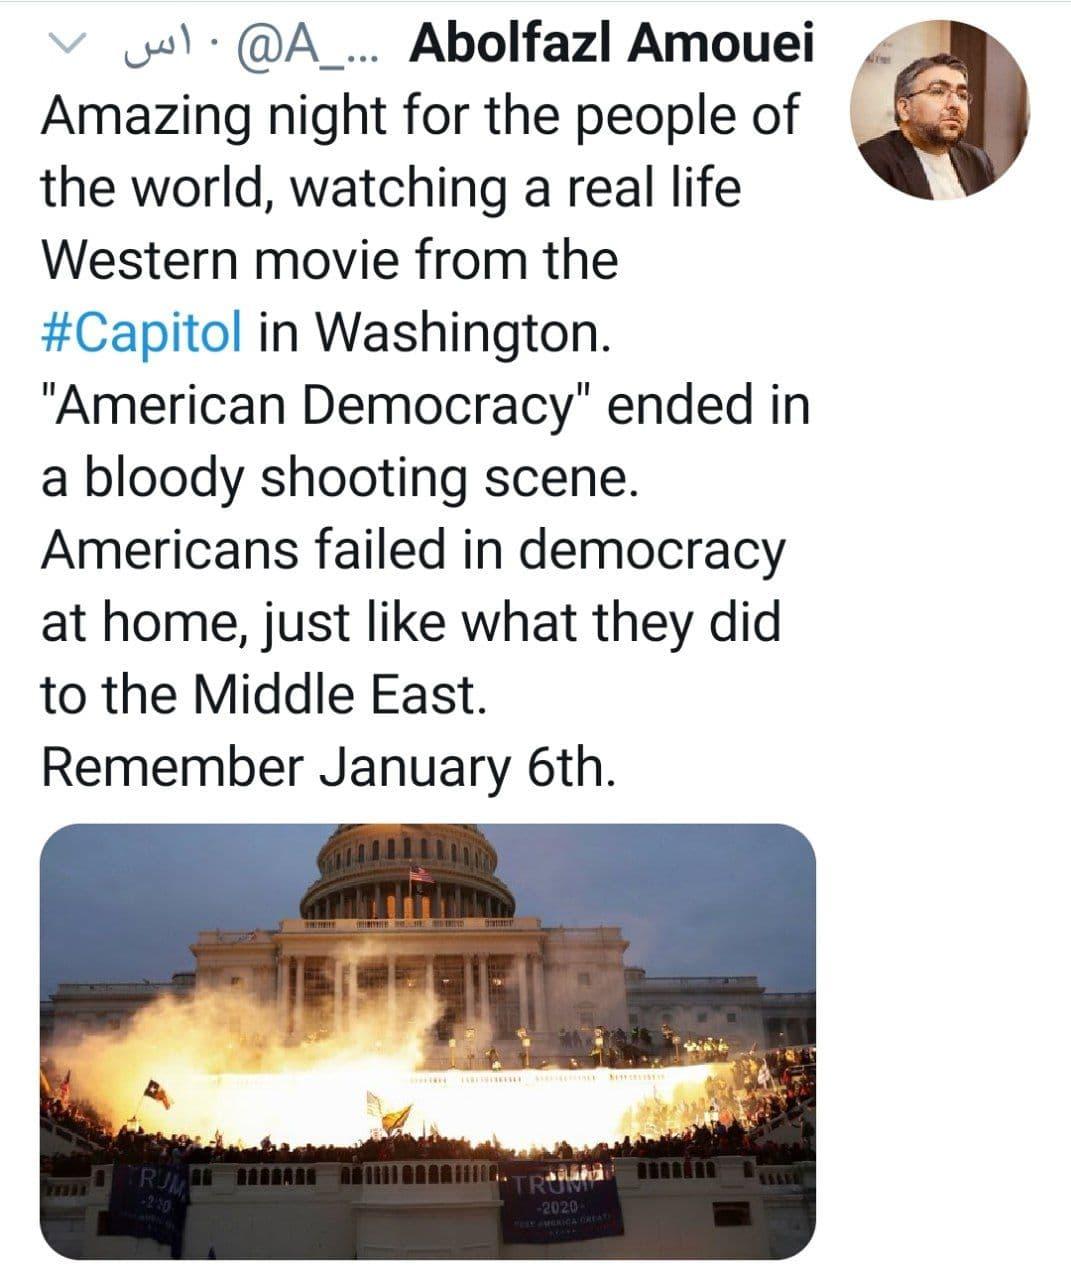 شبی شگفت انگیز برای مردم جهان، با تماشای یک فیلم وسترن از واشنگتن!